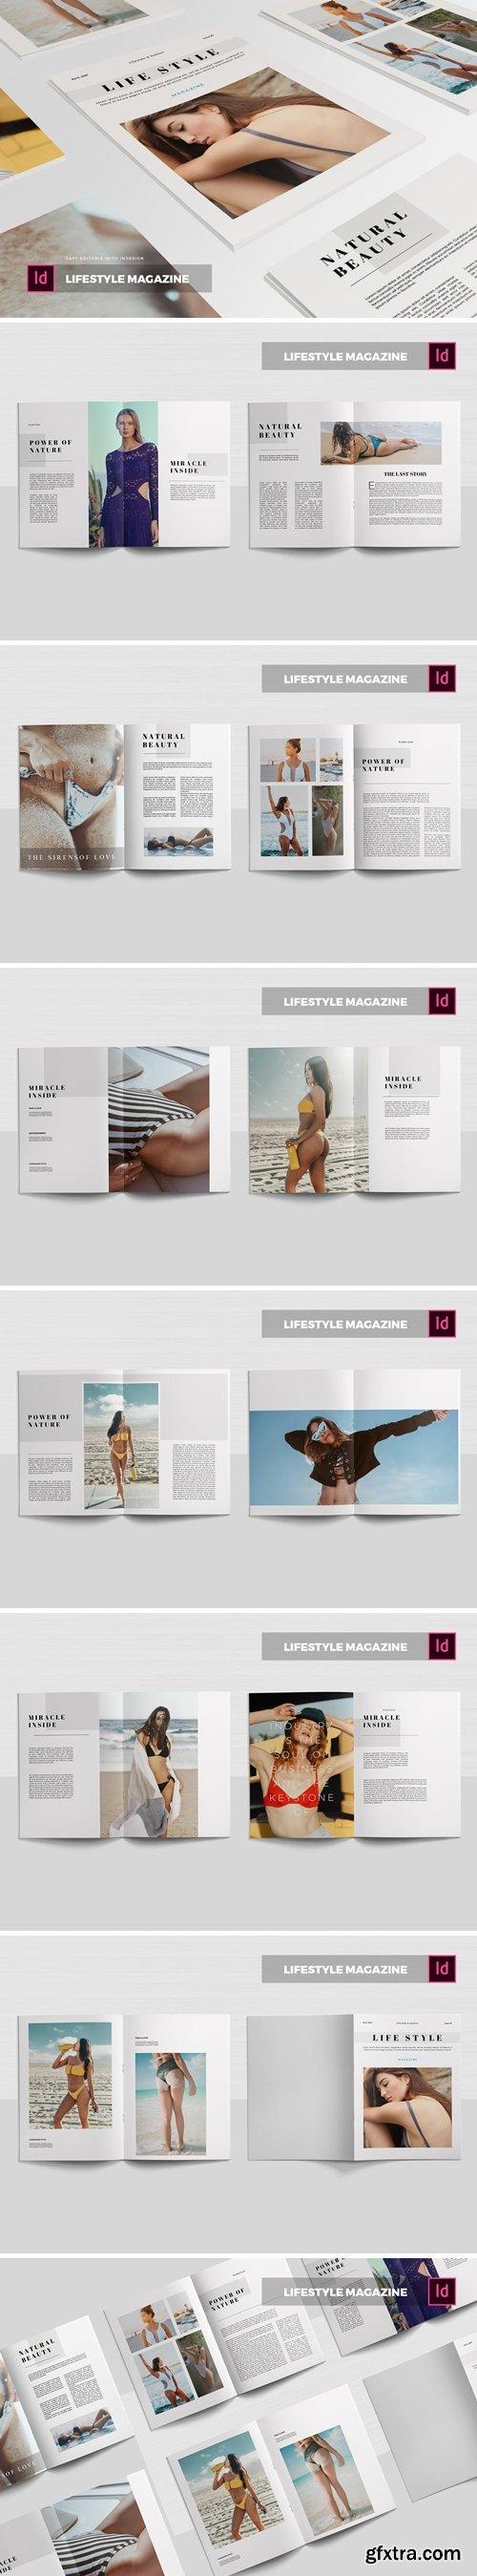 Lifestyle | Magazine